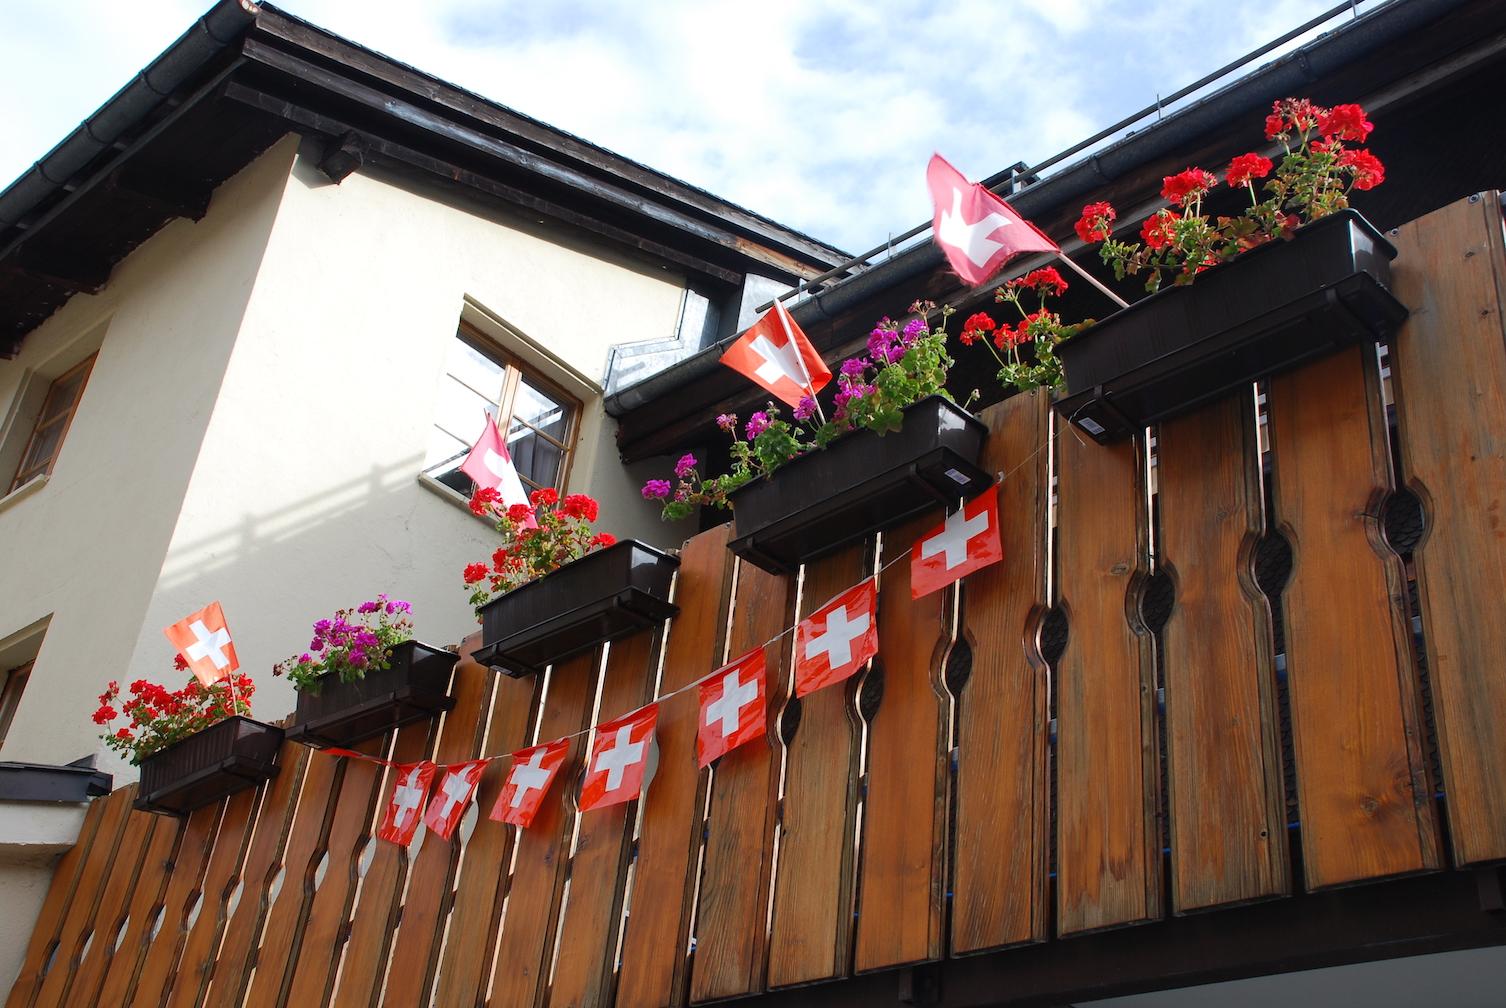 Switzerland flower boxes